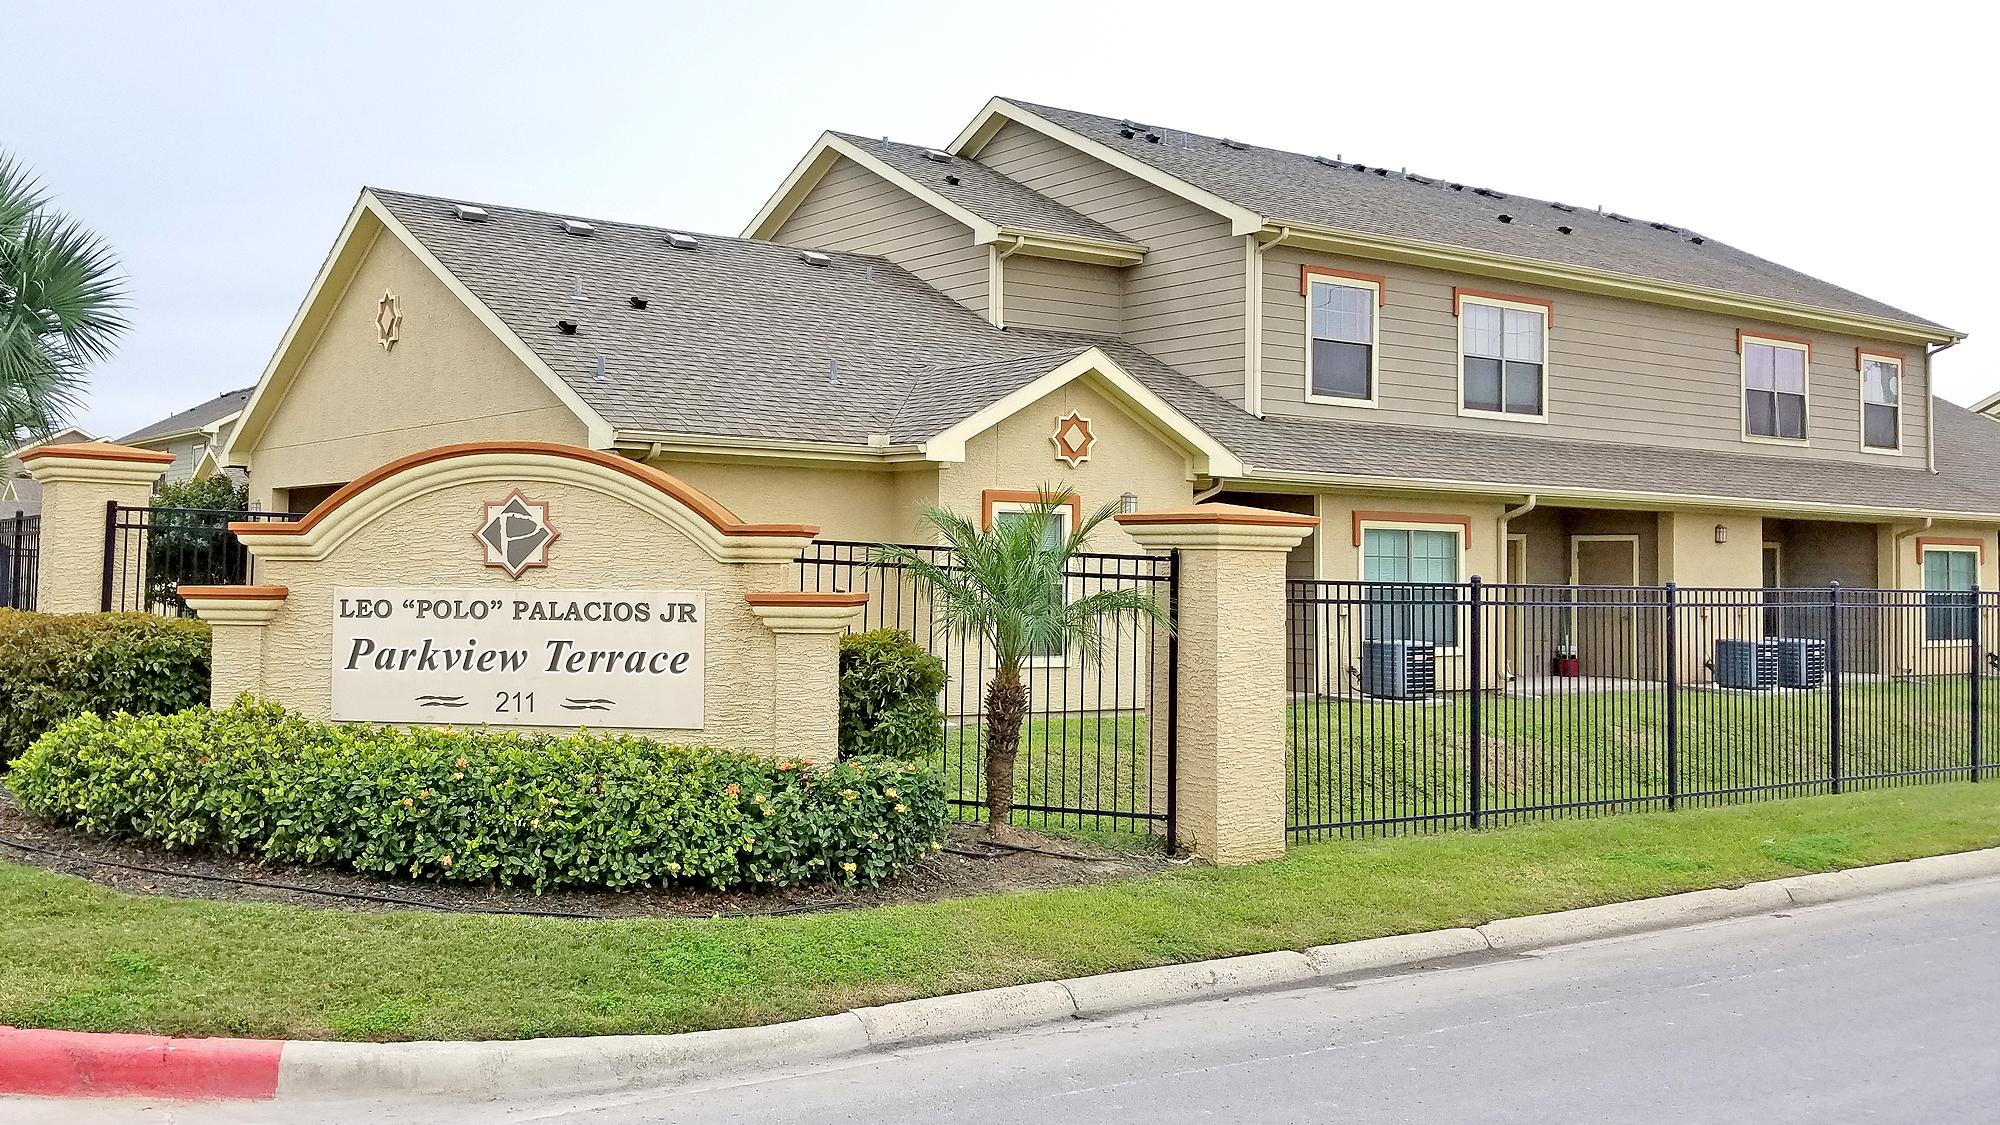 Image of Parkview Terrace in Pharr, Texas